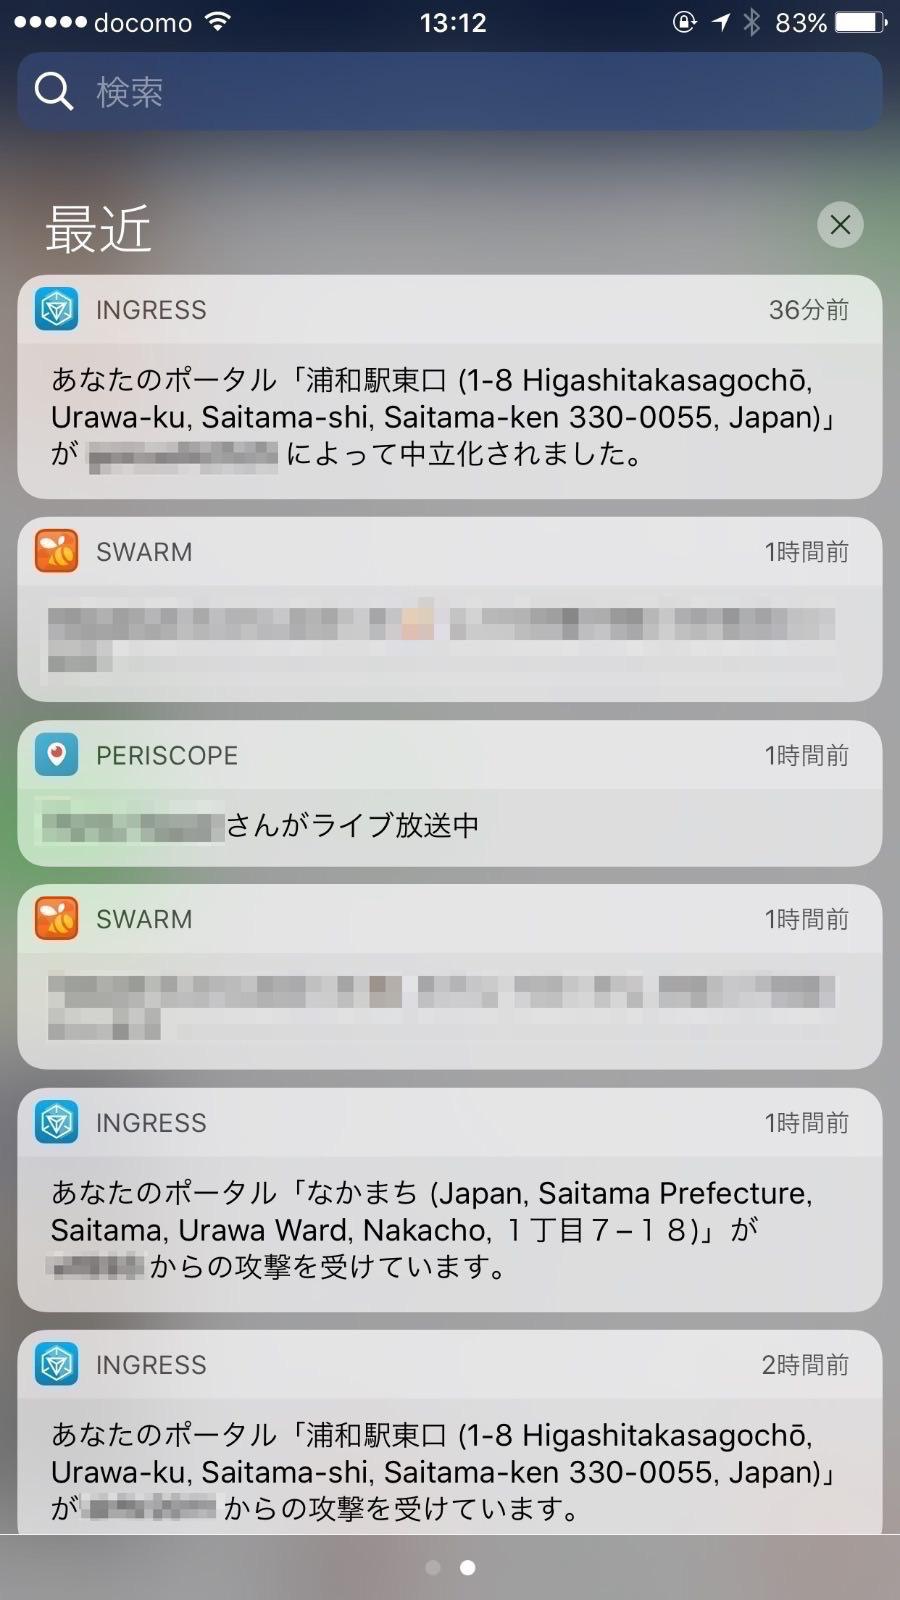 【iOS 10】「iOS 10.2」で通知センターの挙動が変わったので説明します